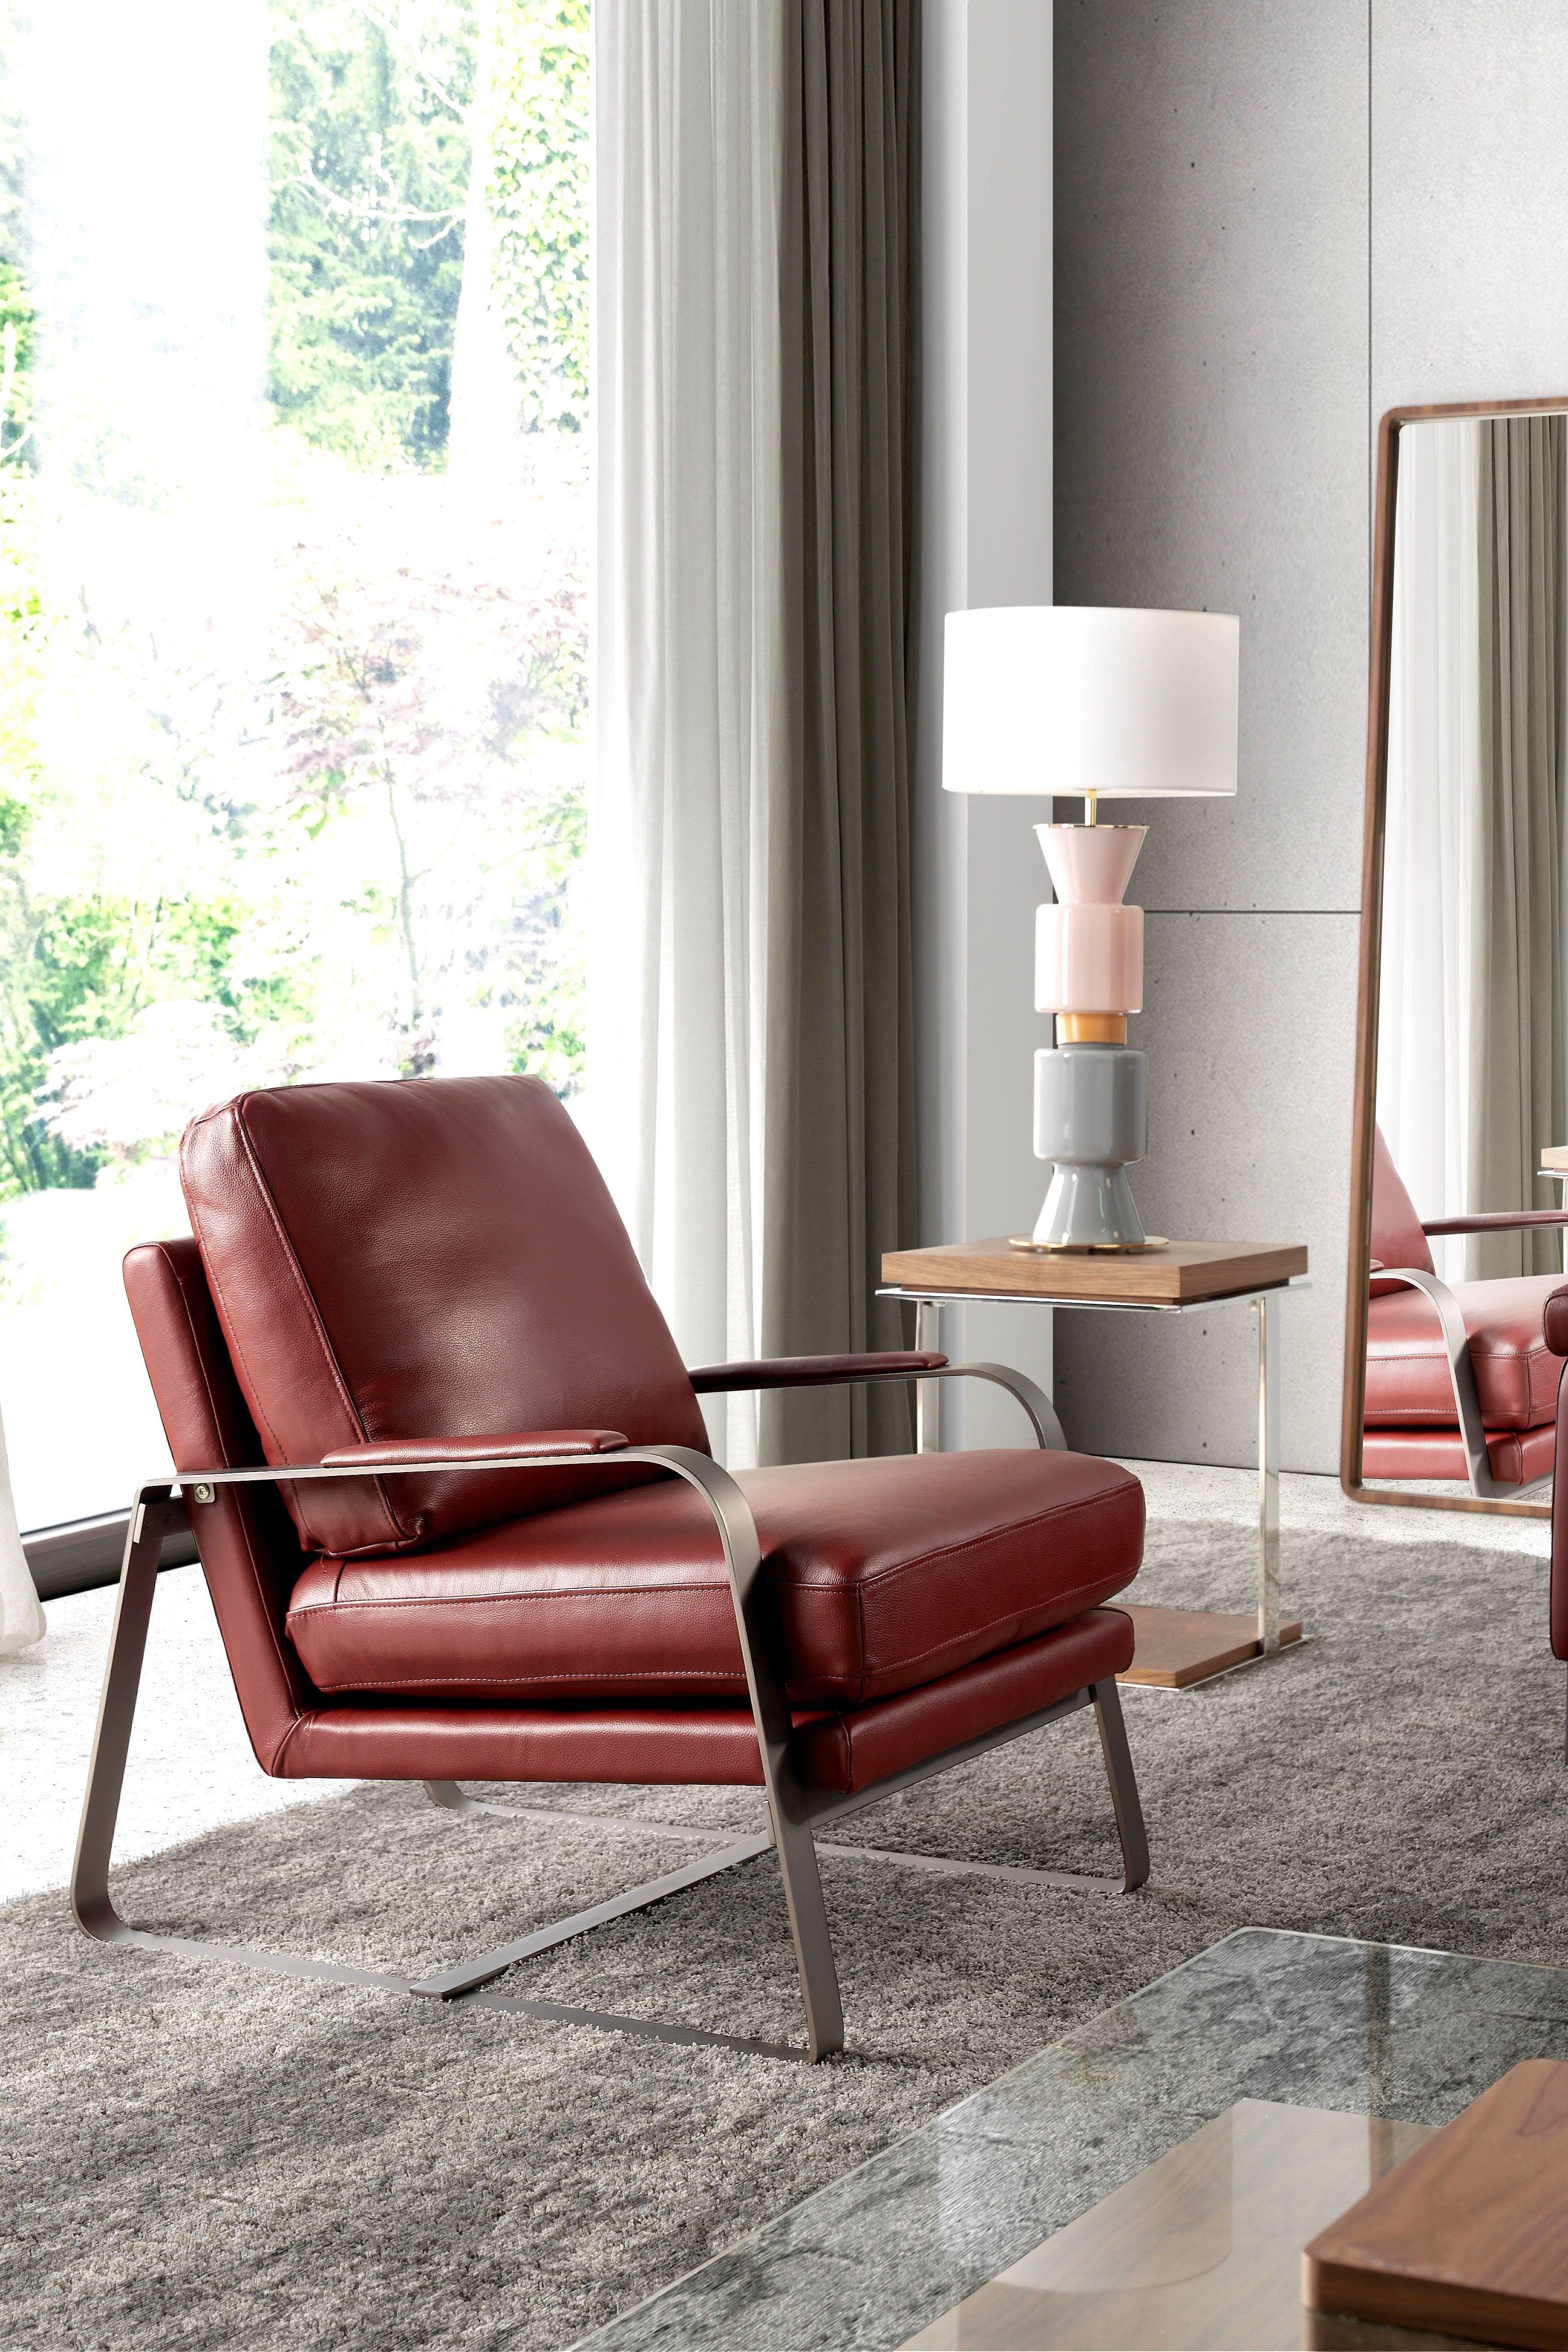 Design-Sessel aus braunem Echtleder #wohnzimmer #modern # ...